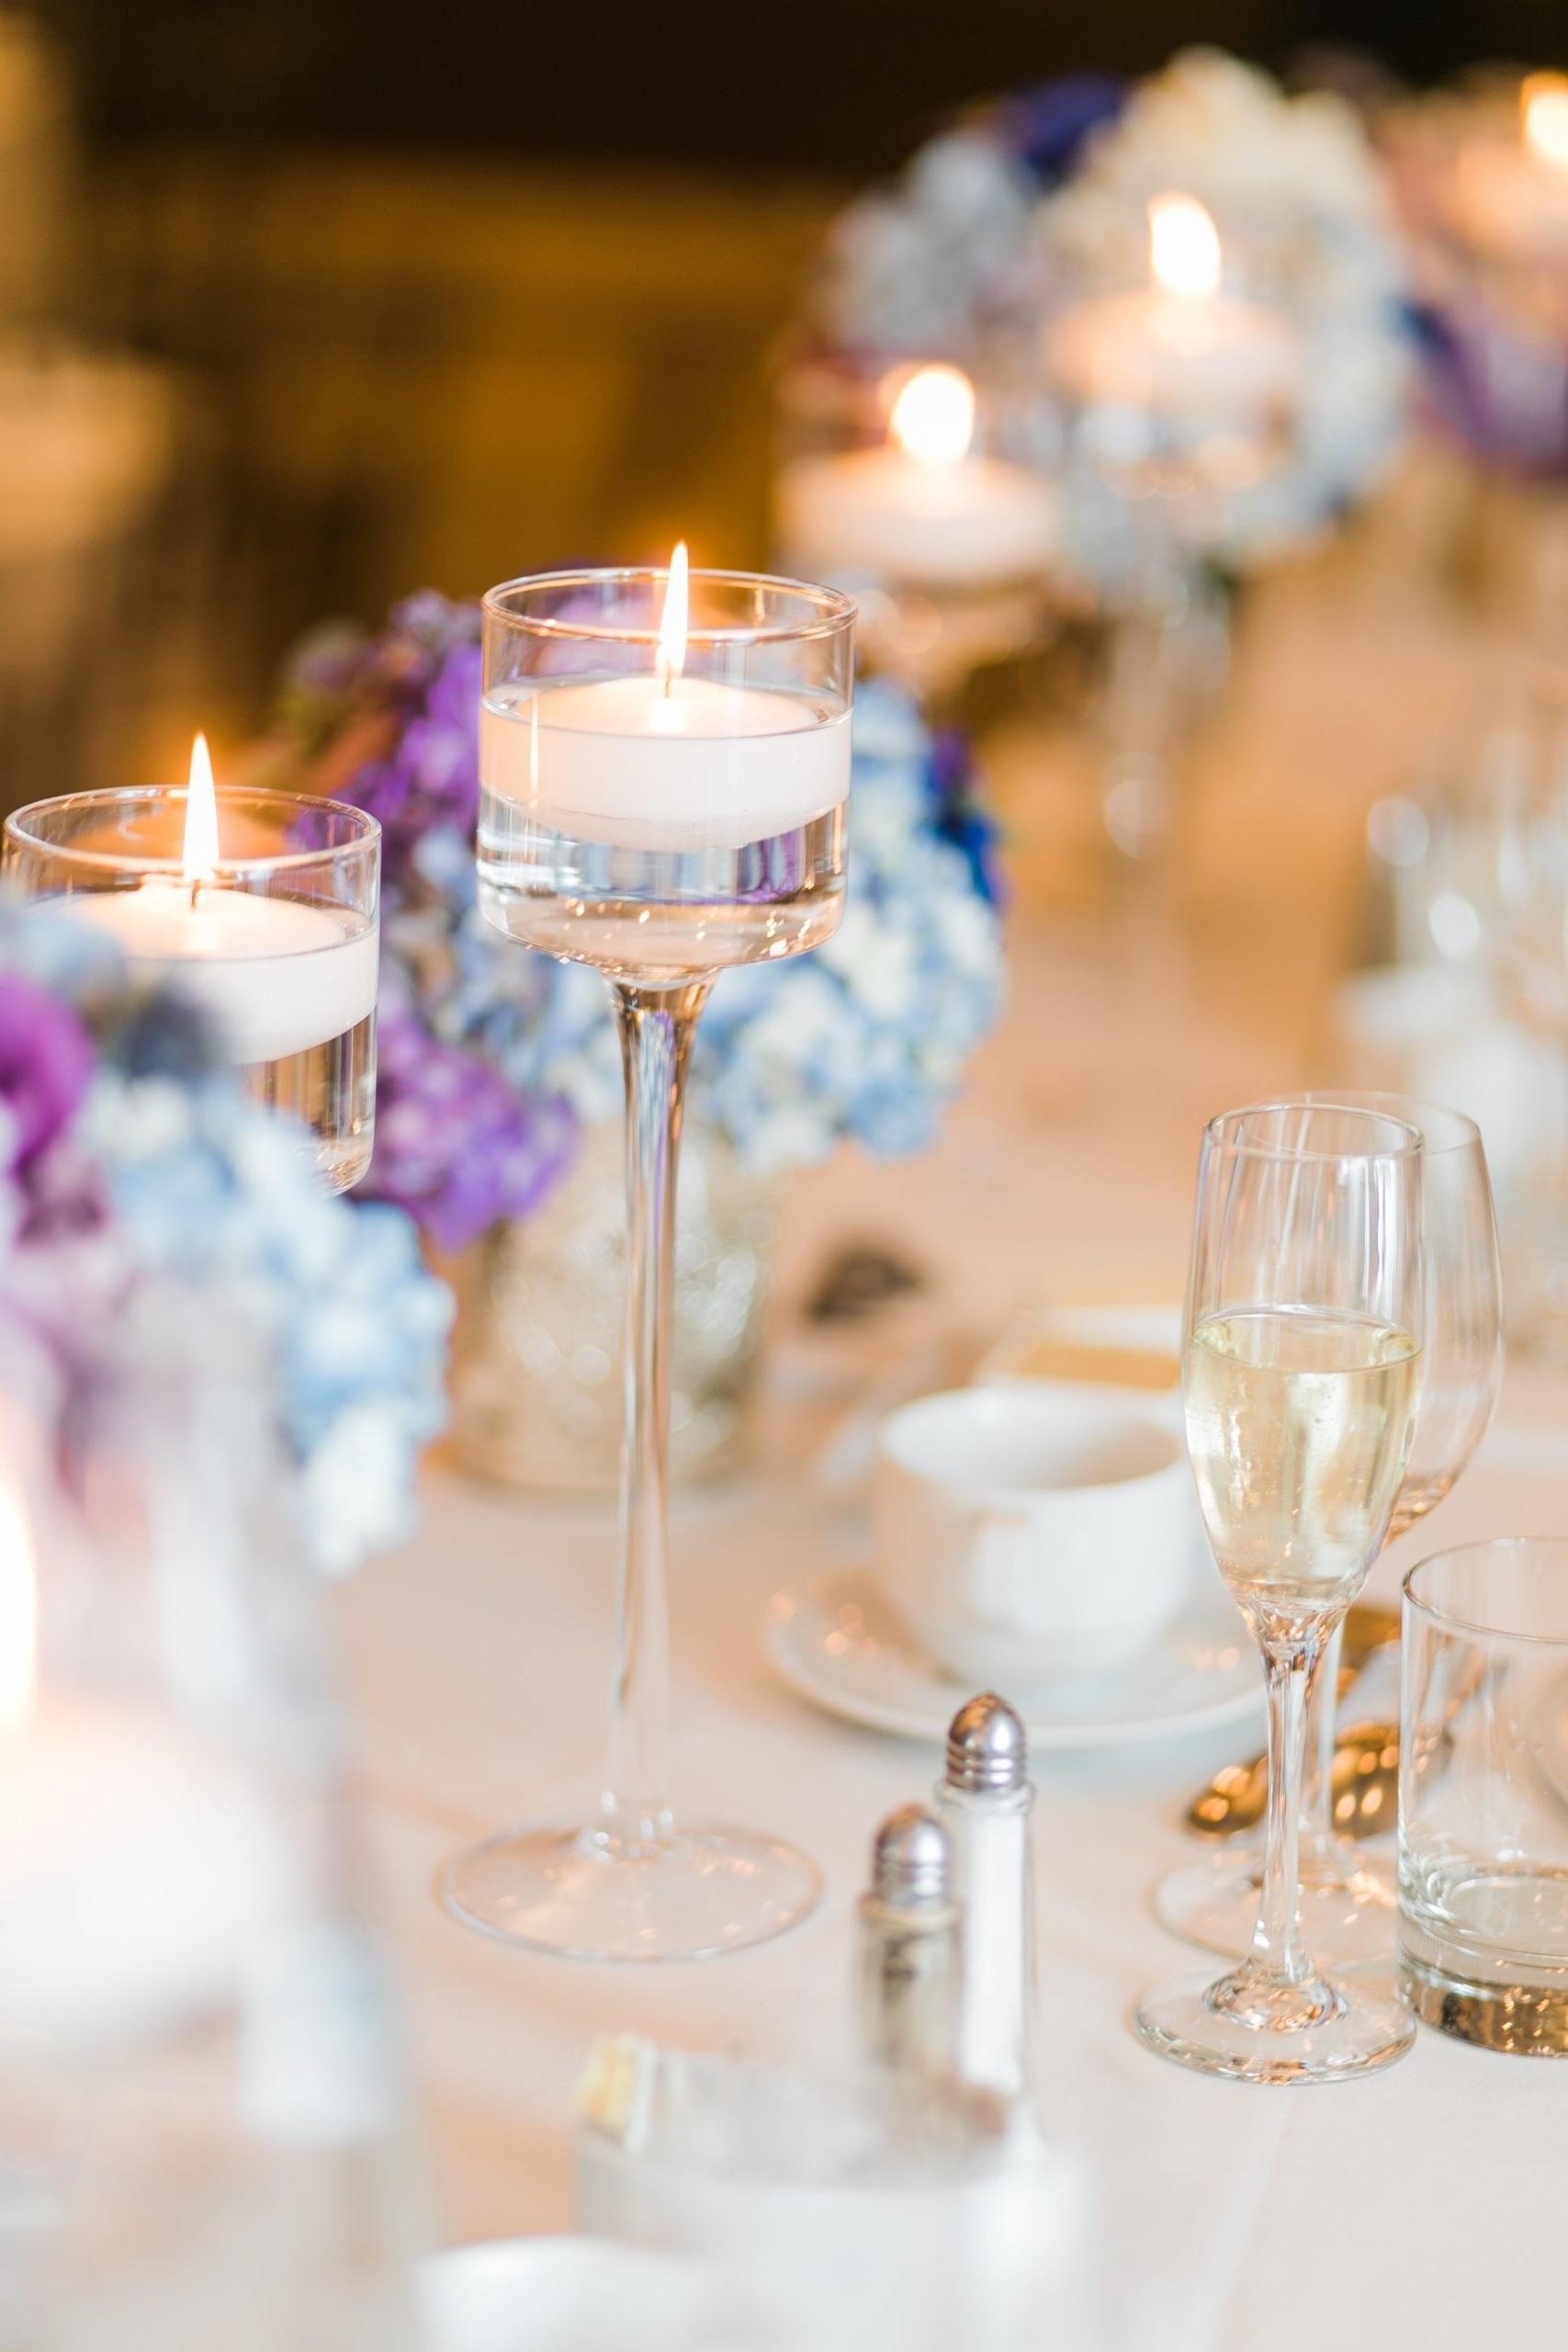 Élegante composition avec verres à pied et bougies.